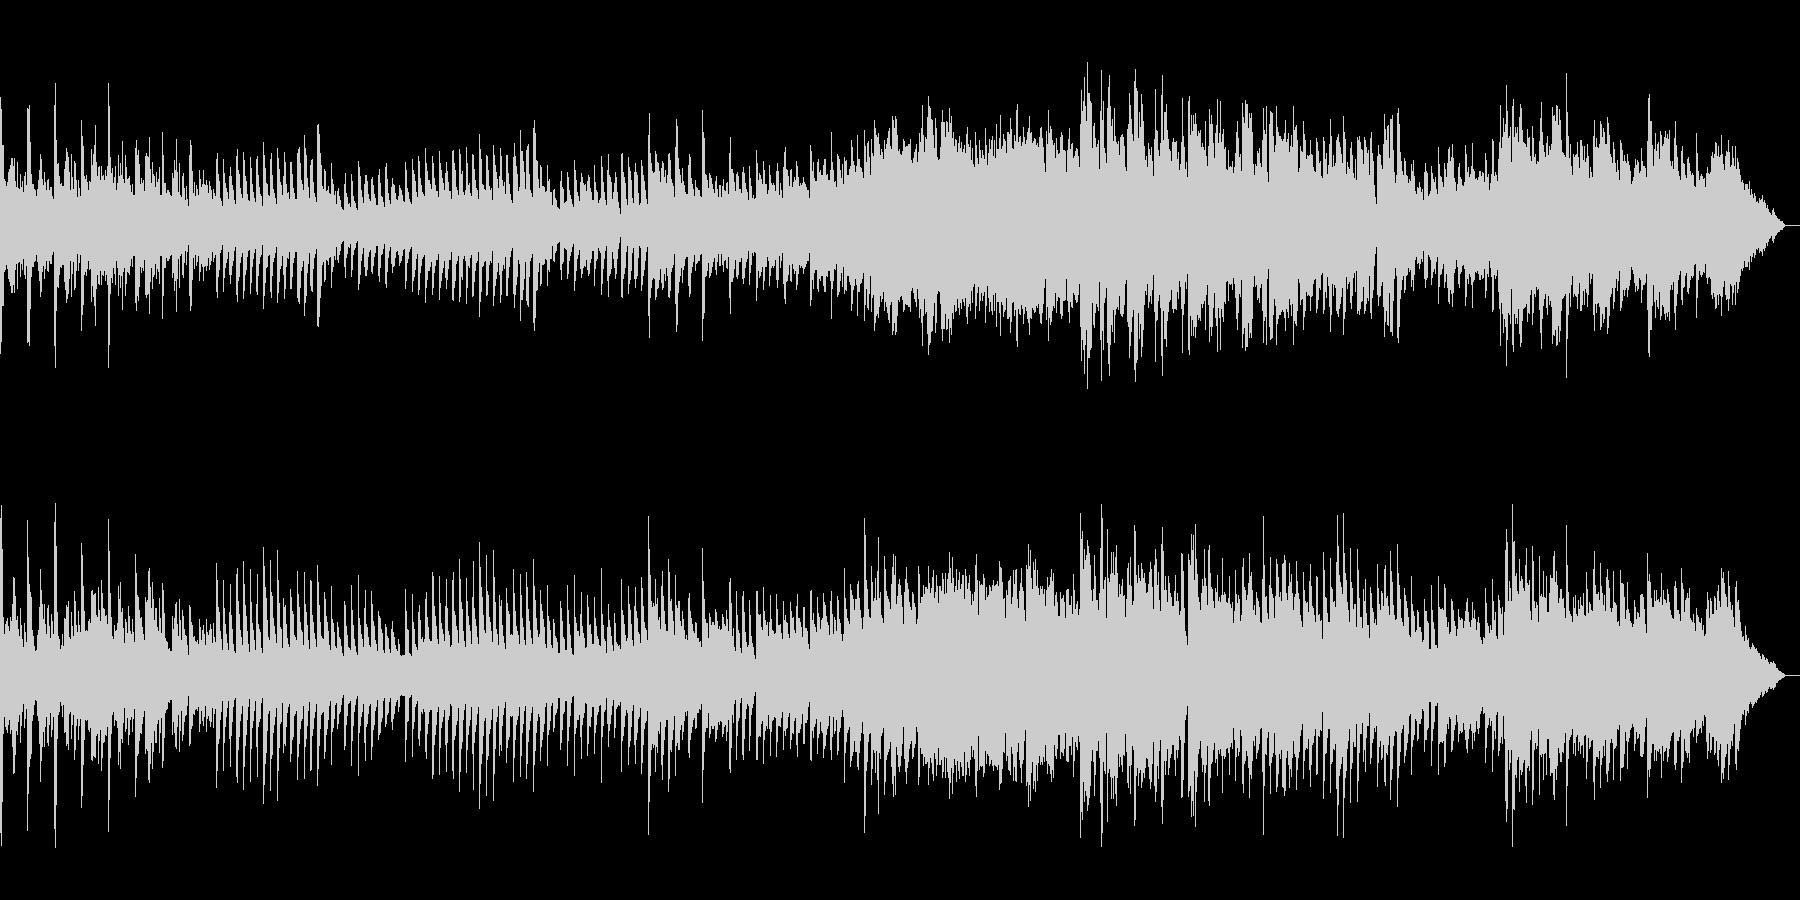 アベマリア(カッチーニ)カラオケの未再生の波形